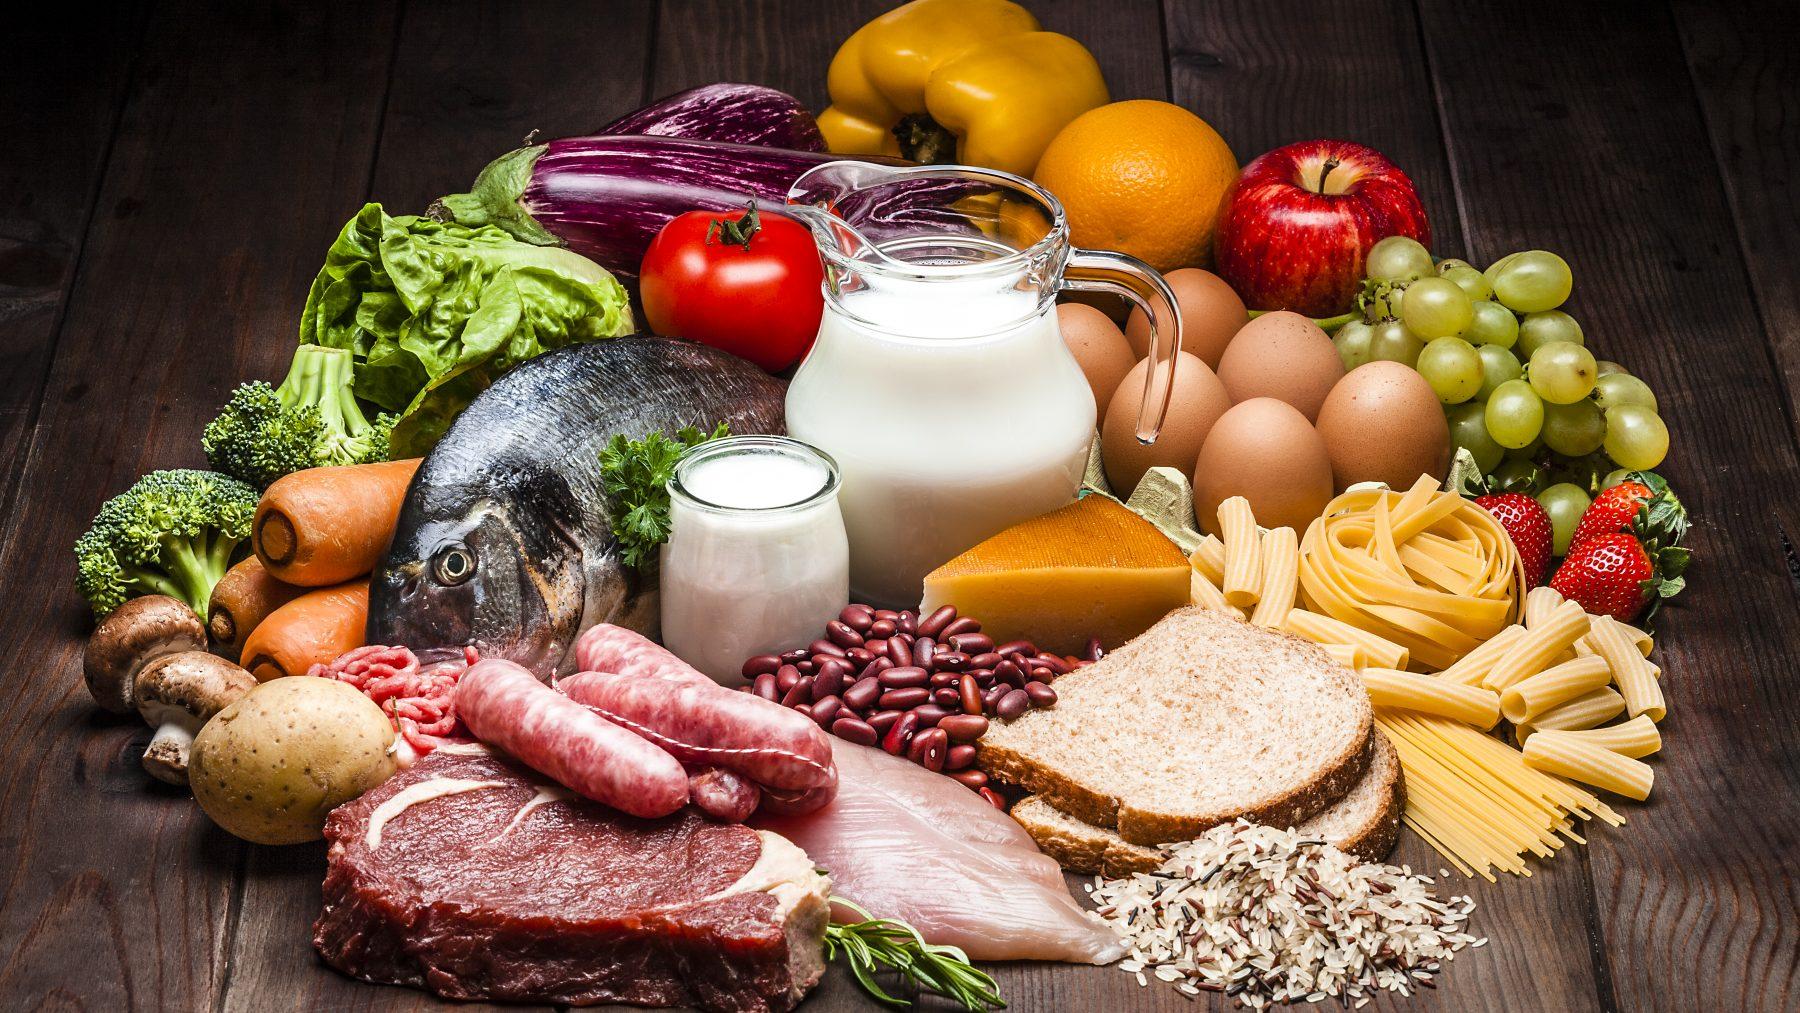 Met dit dieet hebben de 10 miljard mensen op aarde in 2050 allemaal te eten